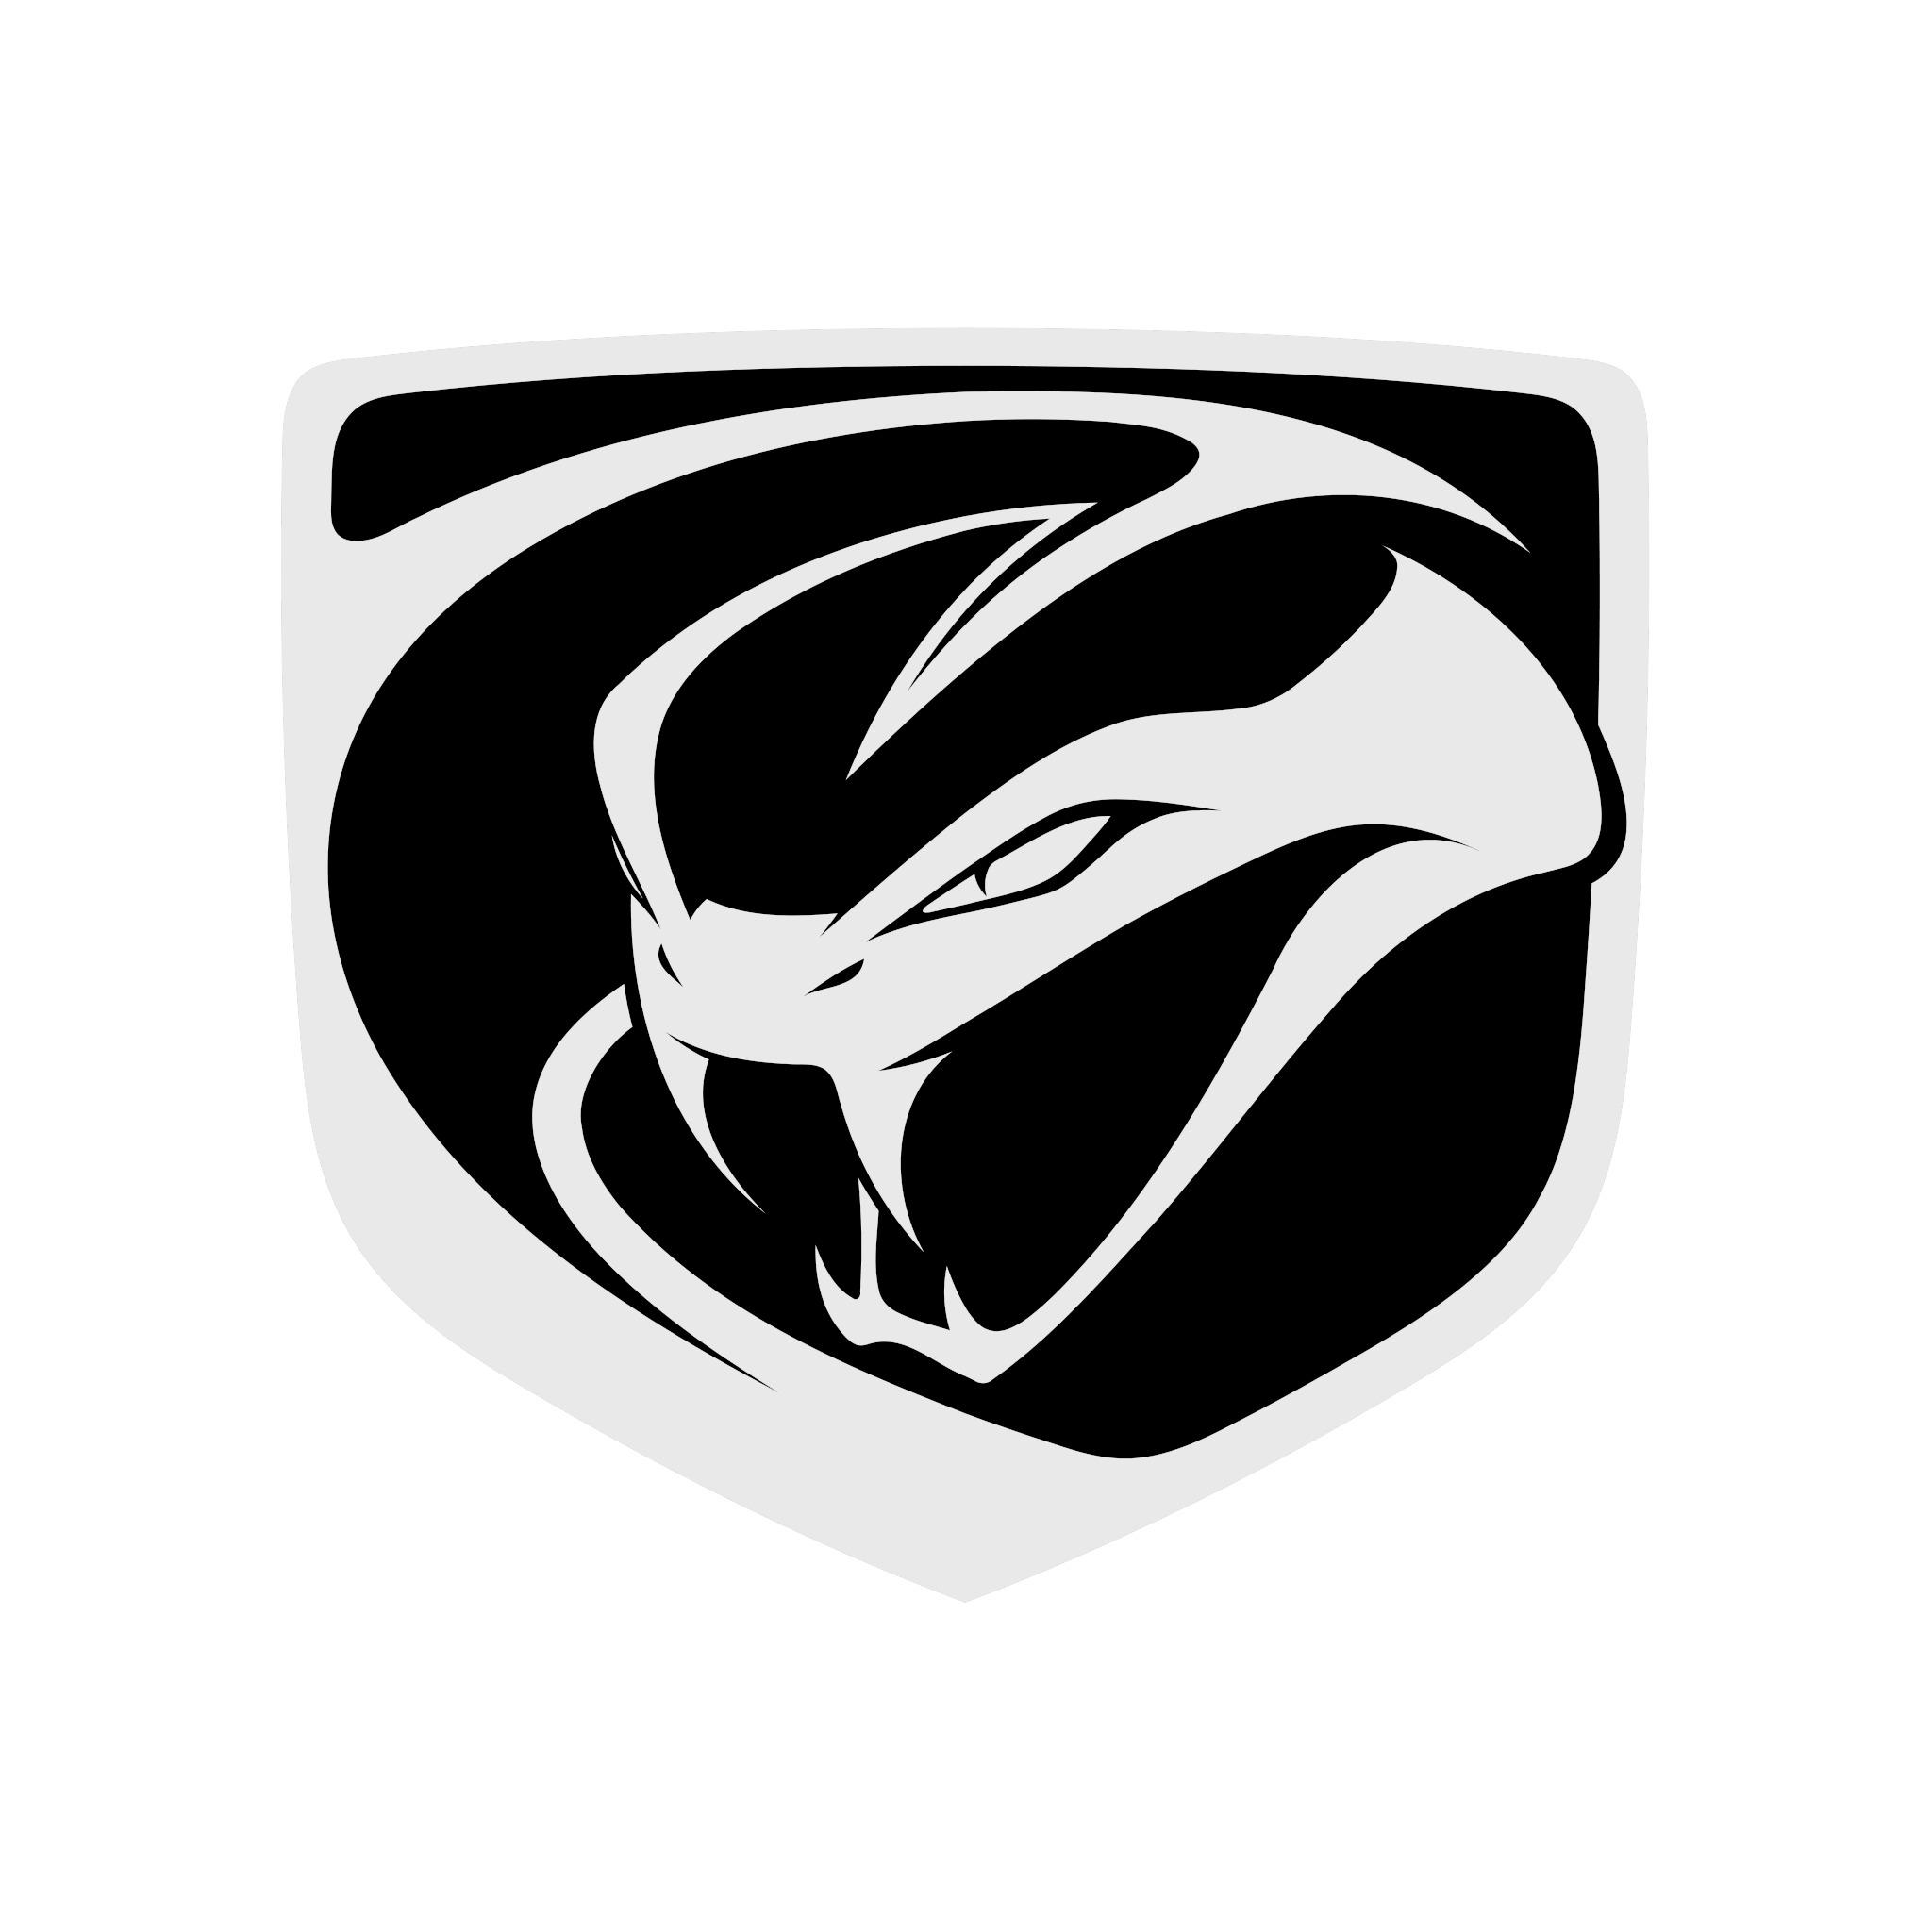 Imagen logo de Viper